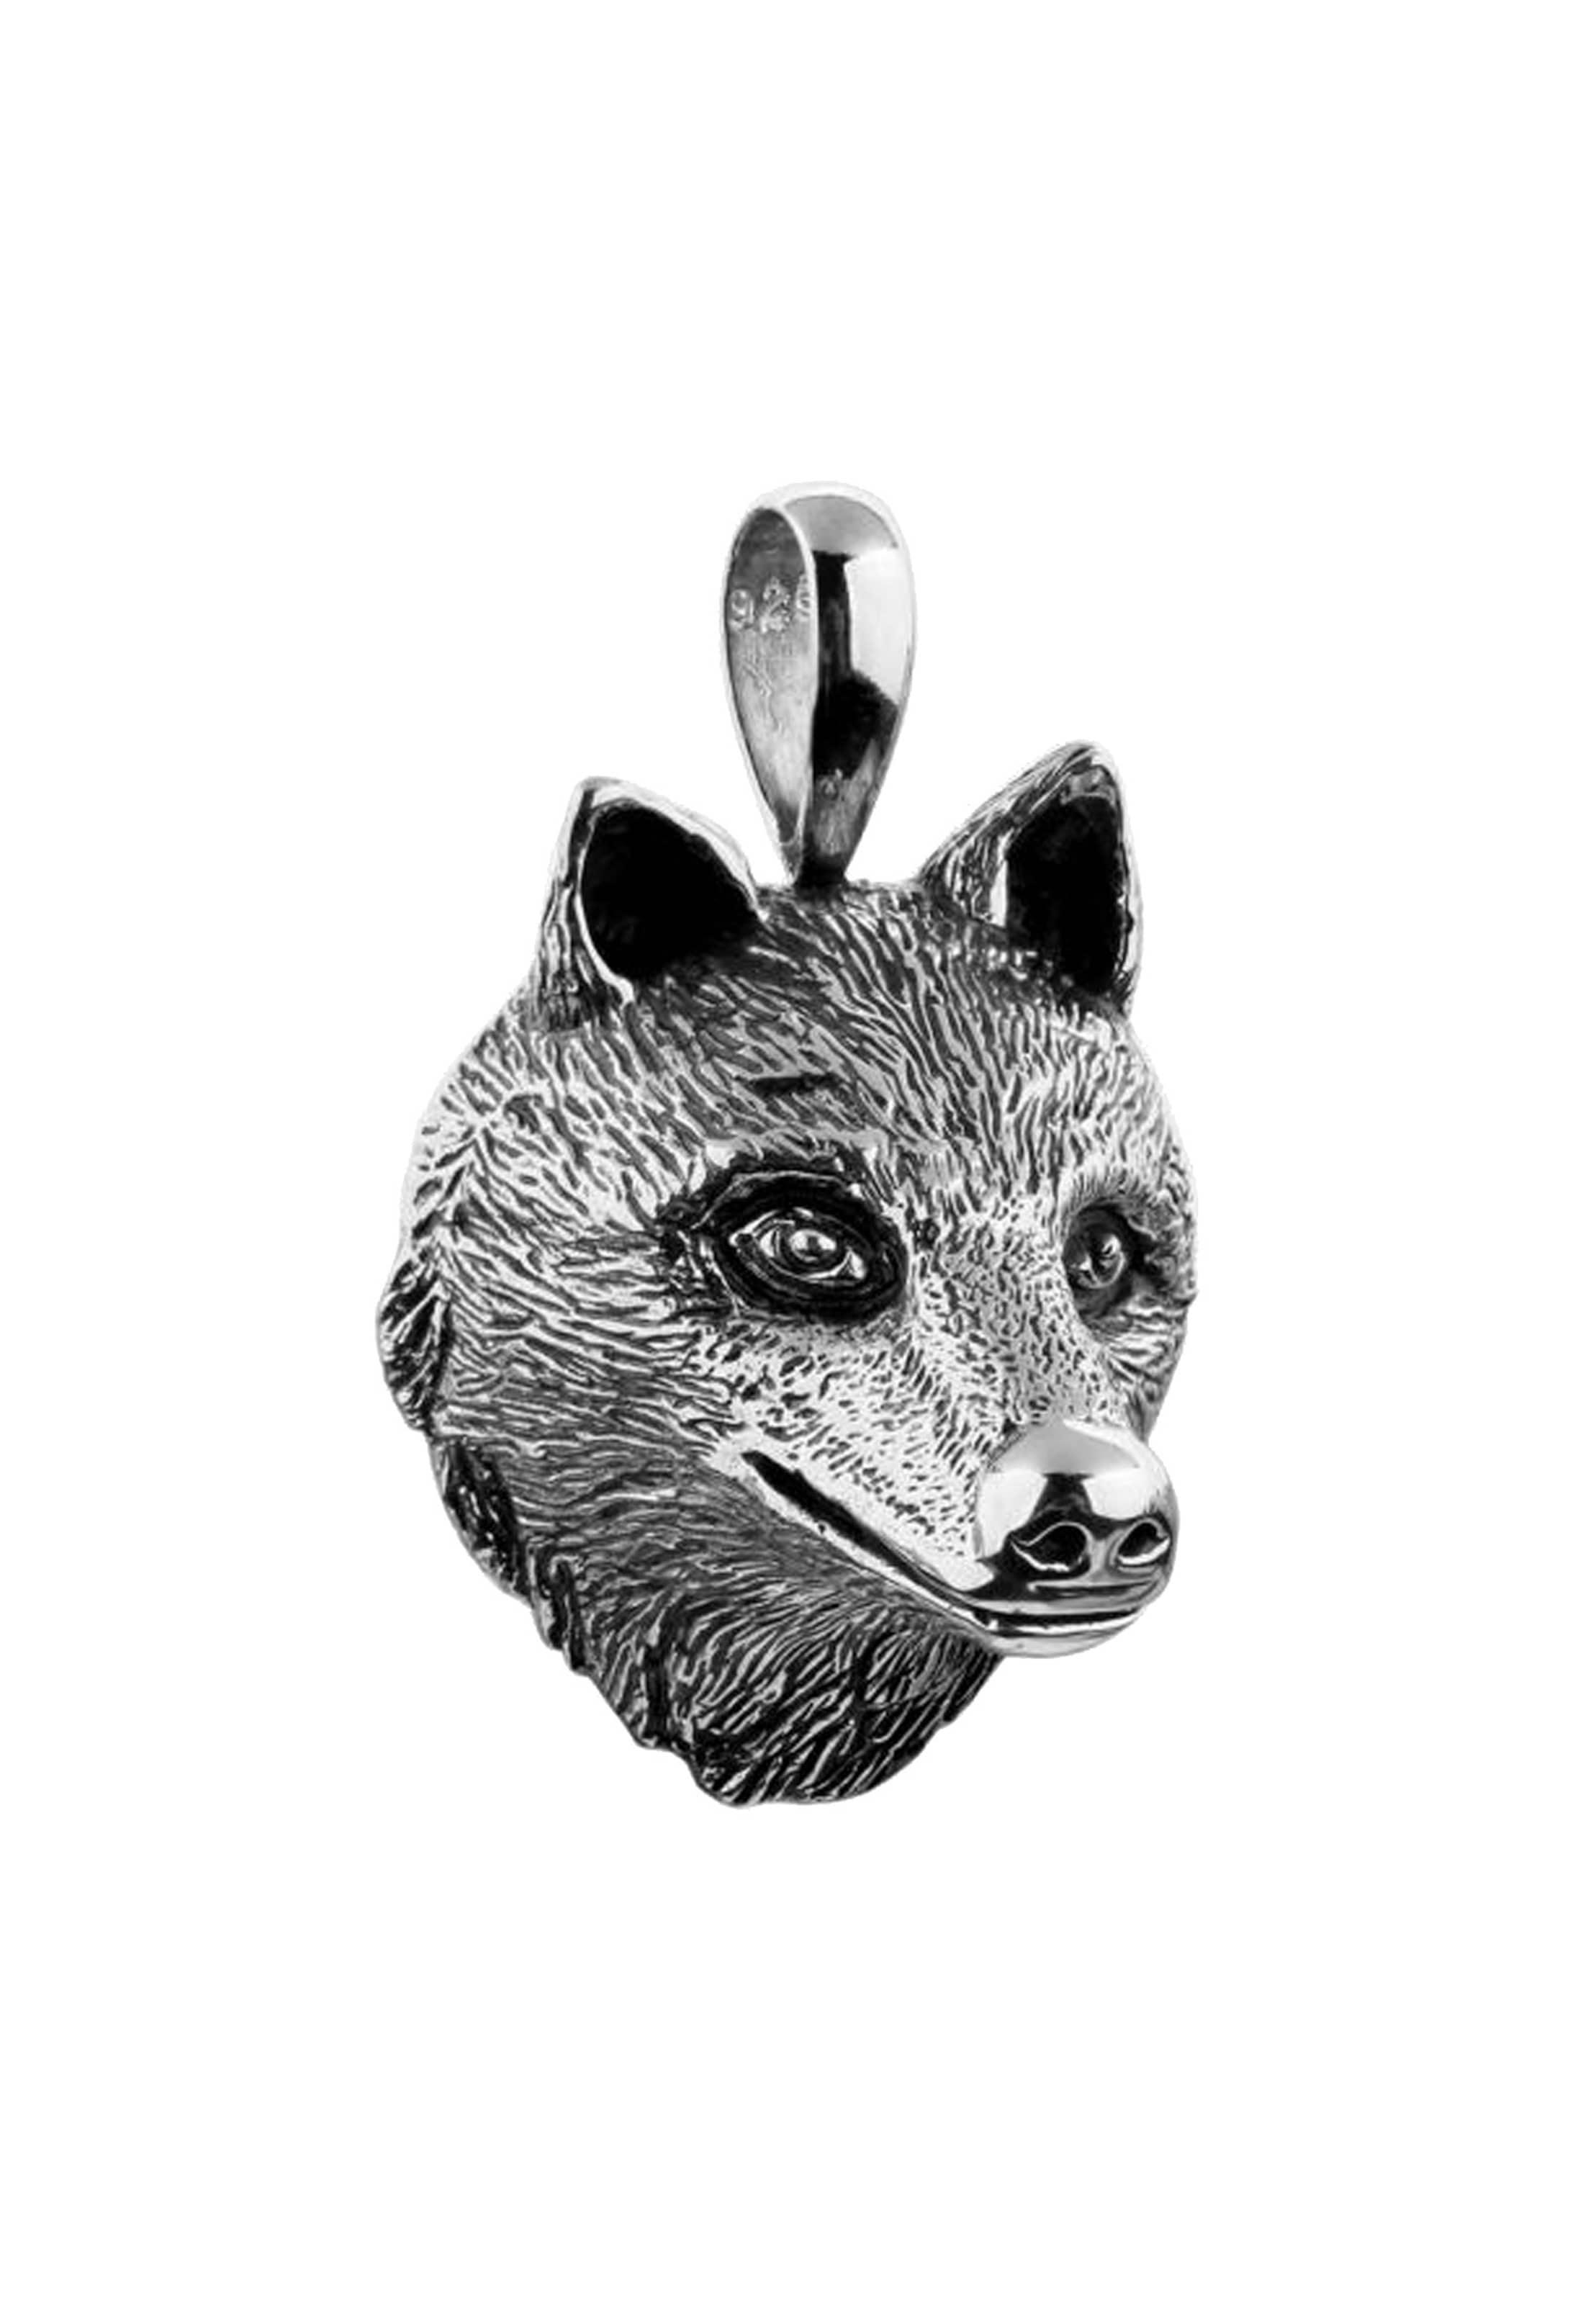 'wolf' In 'wolf' 'wolf' Kuzzoi Kuzzoi Anhänger Anhänger AnthrazitSilber Anhänger In In Kuzzoi AnthrazitSilber 29EHID